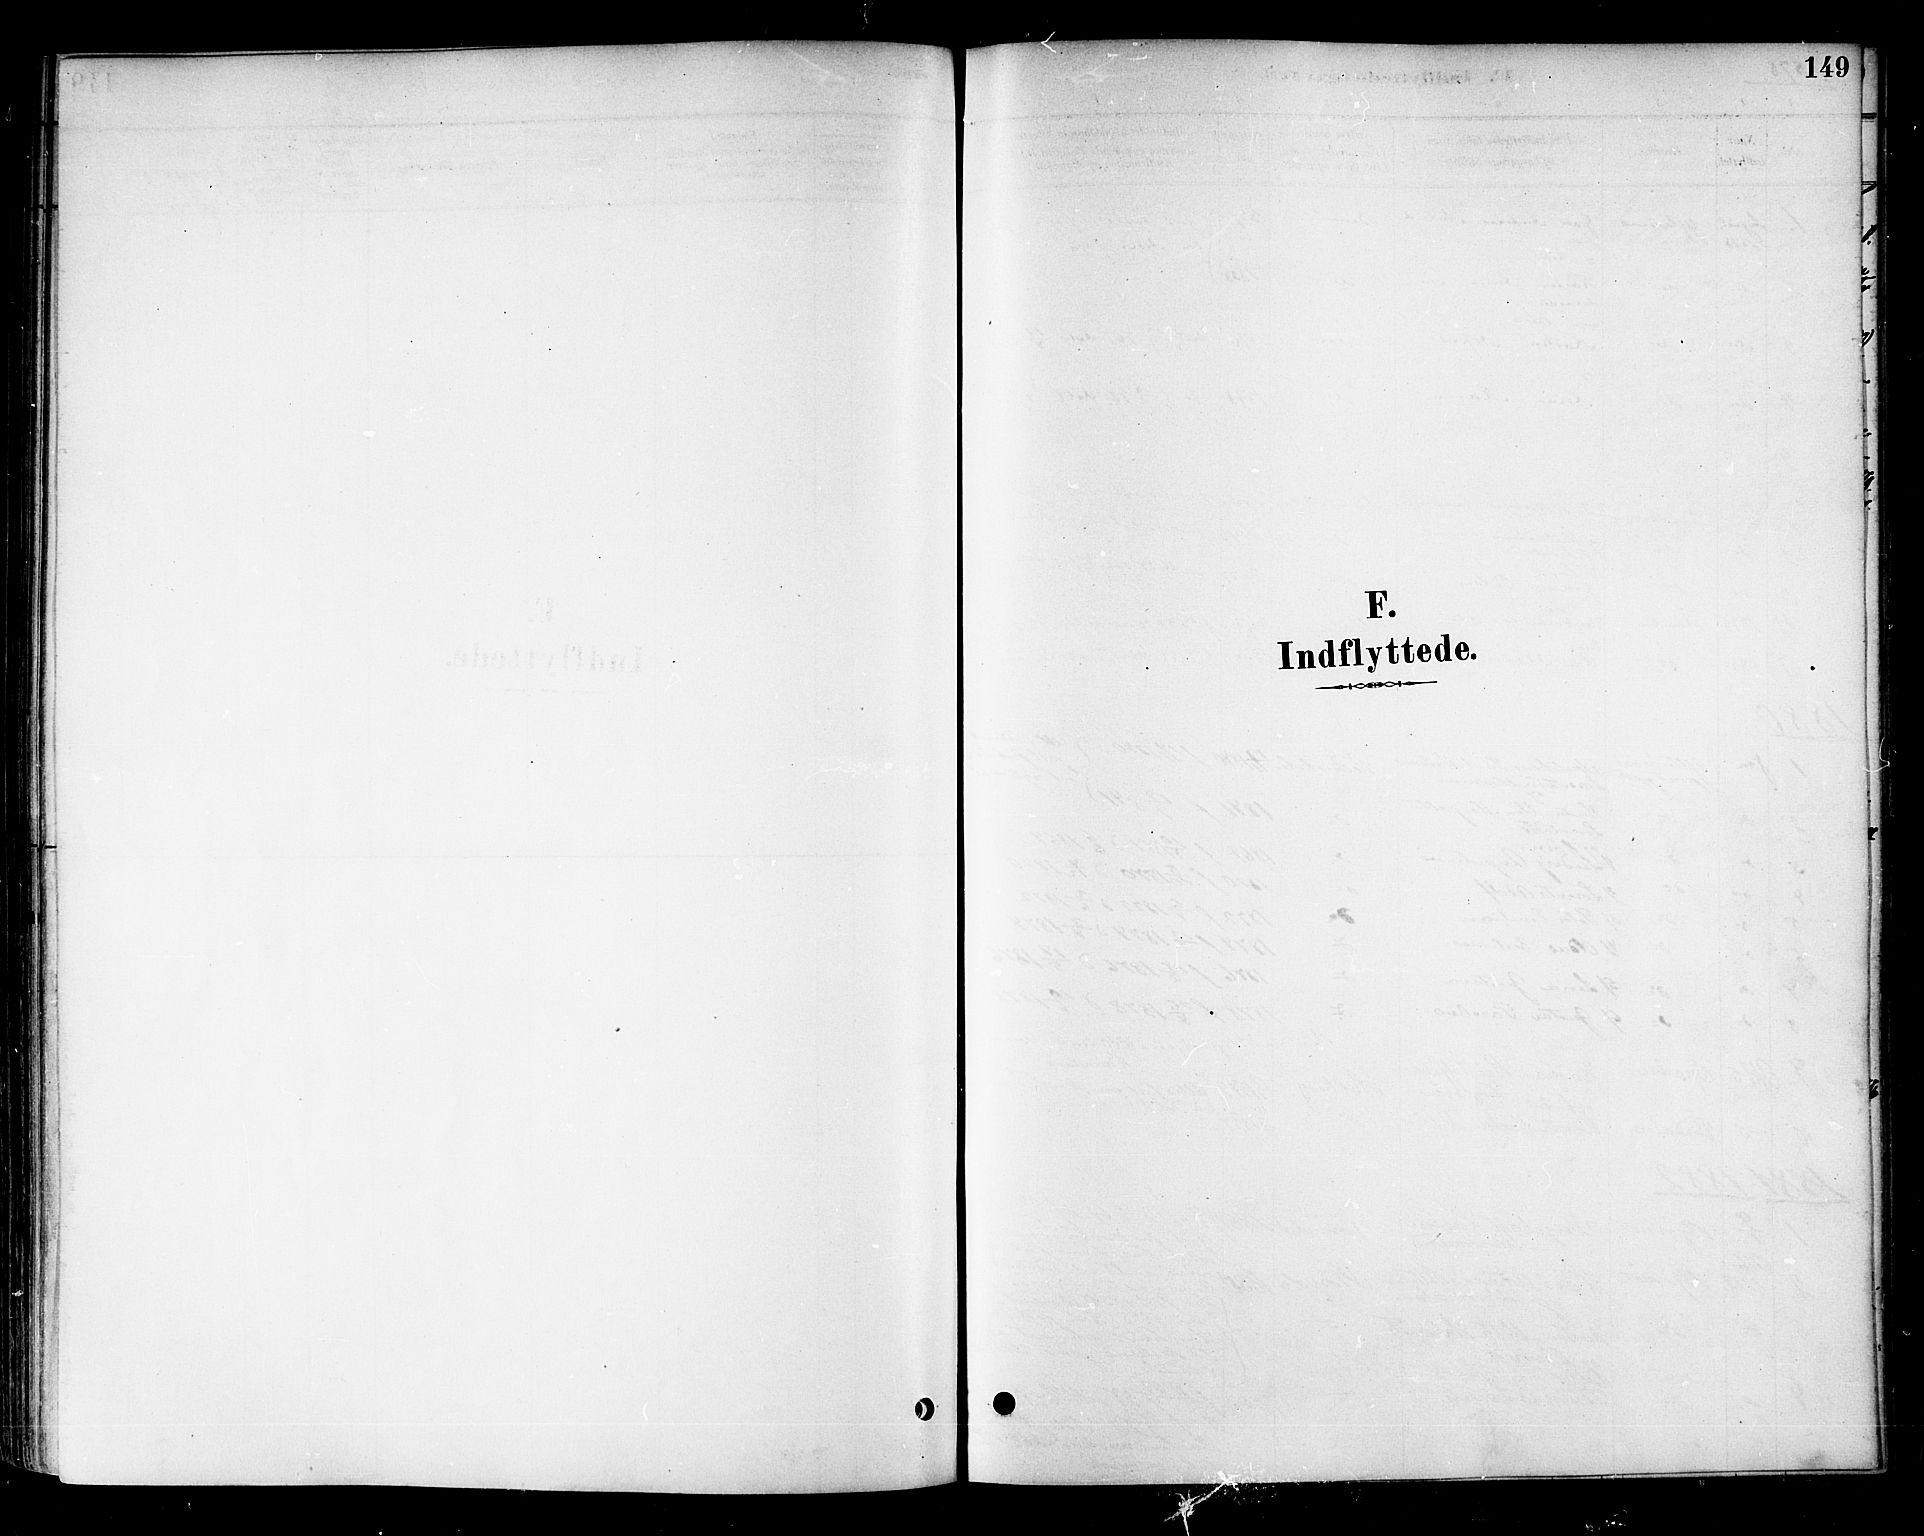 SAT, Ministerialprotokoller, klokkerbøker og fødselsregistre - Nord-Trøndelag, 741/L0395: Ministerialbok nr. 741A09, 1878-1888, s. 149